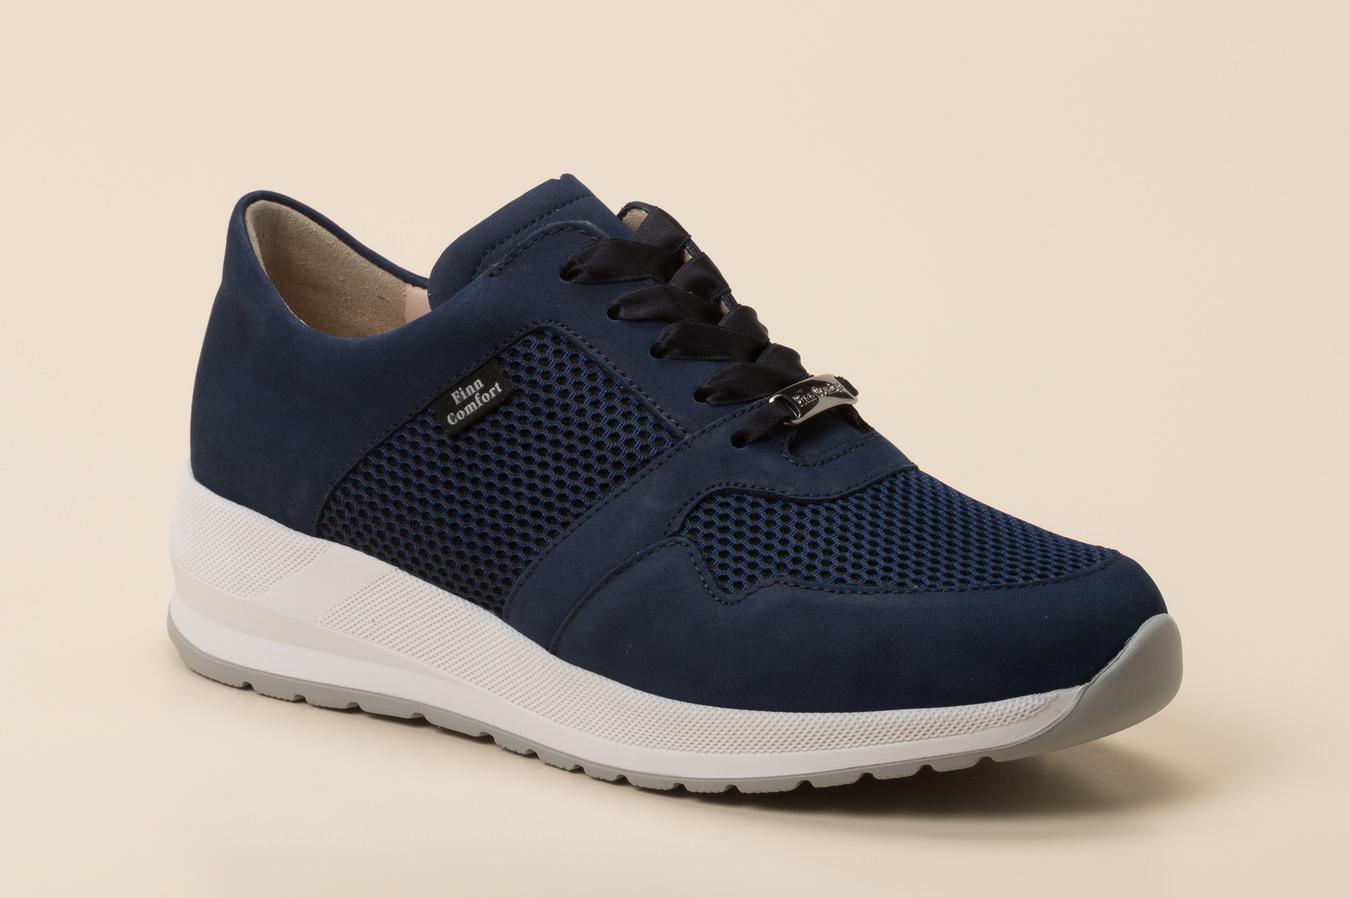 bester Lieferant heißer verkauf rabatt neueste Finn Comfort Damen Sneaker in dunkelblau kaufen | Zumnorde Online-Shop